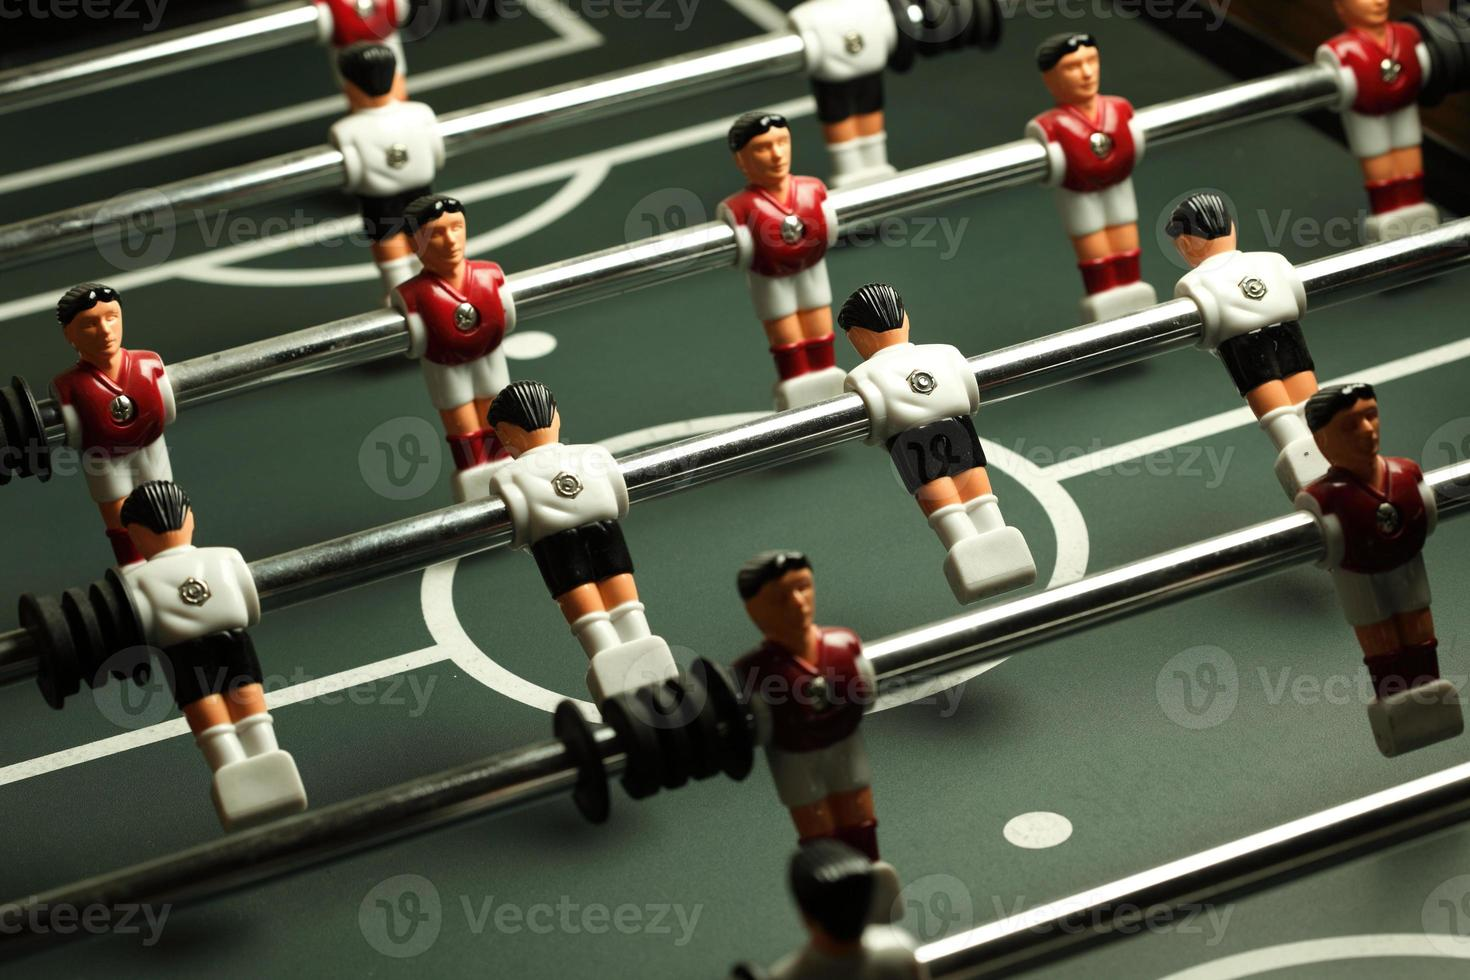 voetbal tafelspel foto